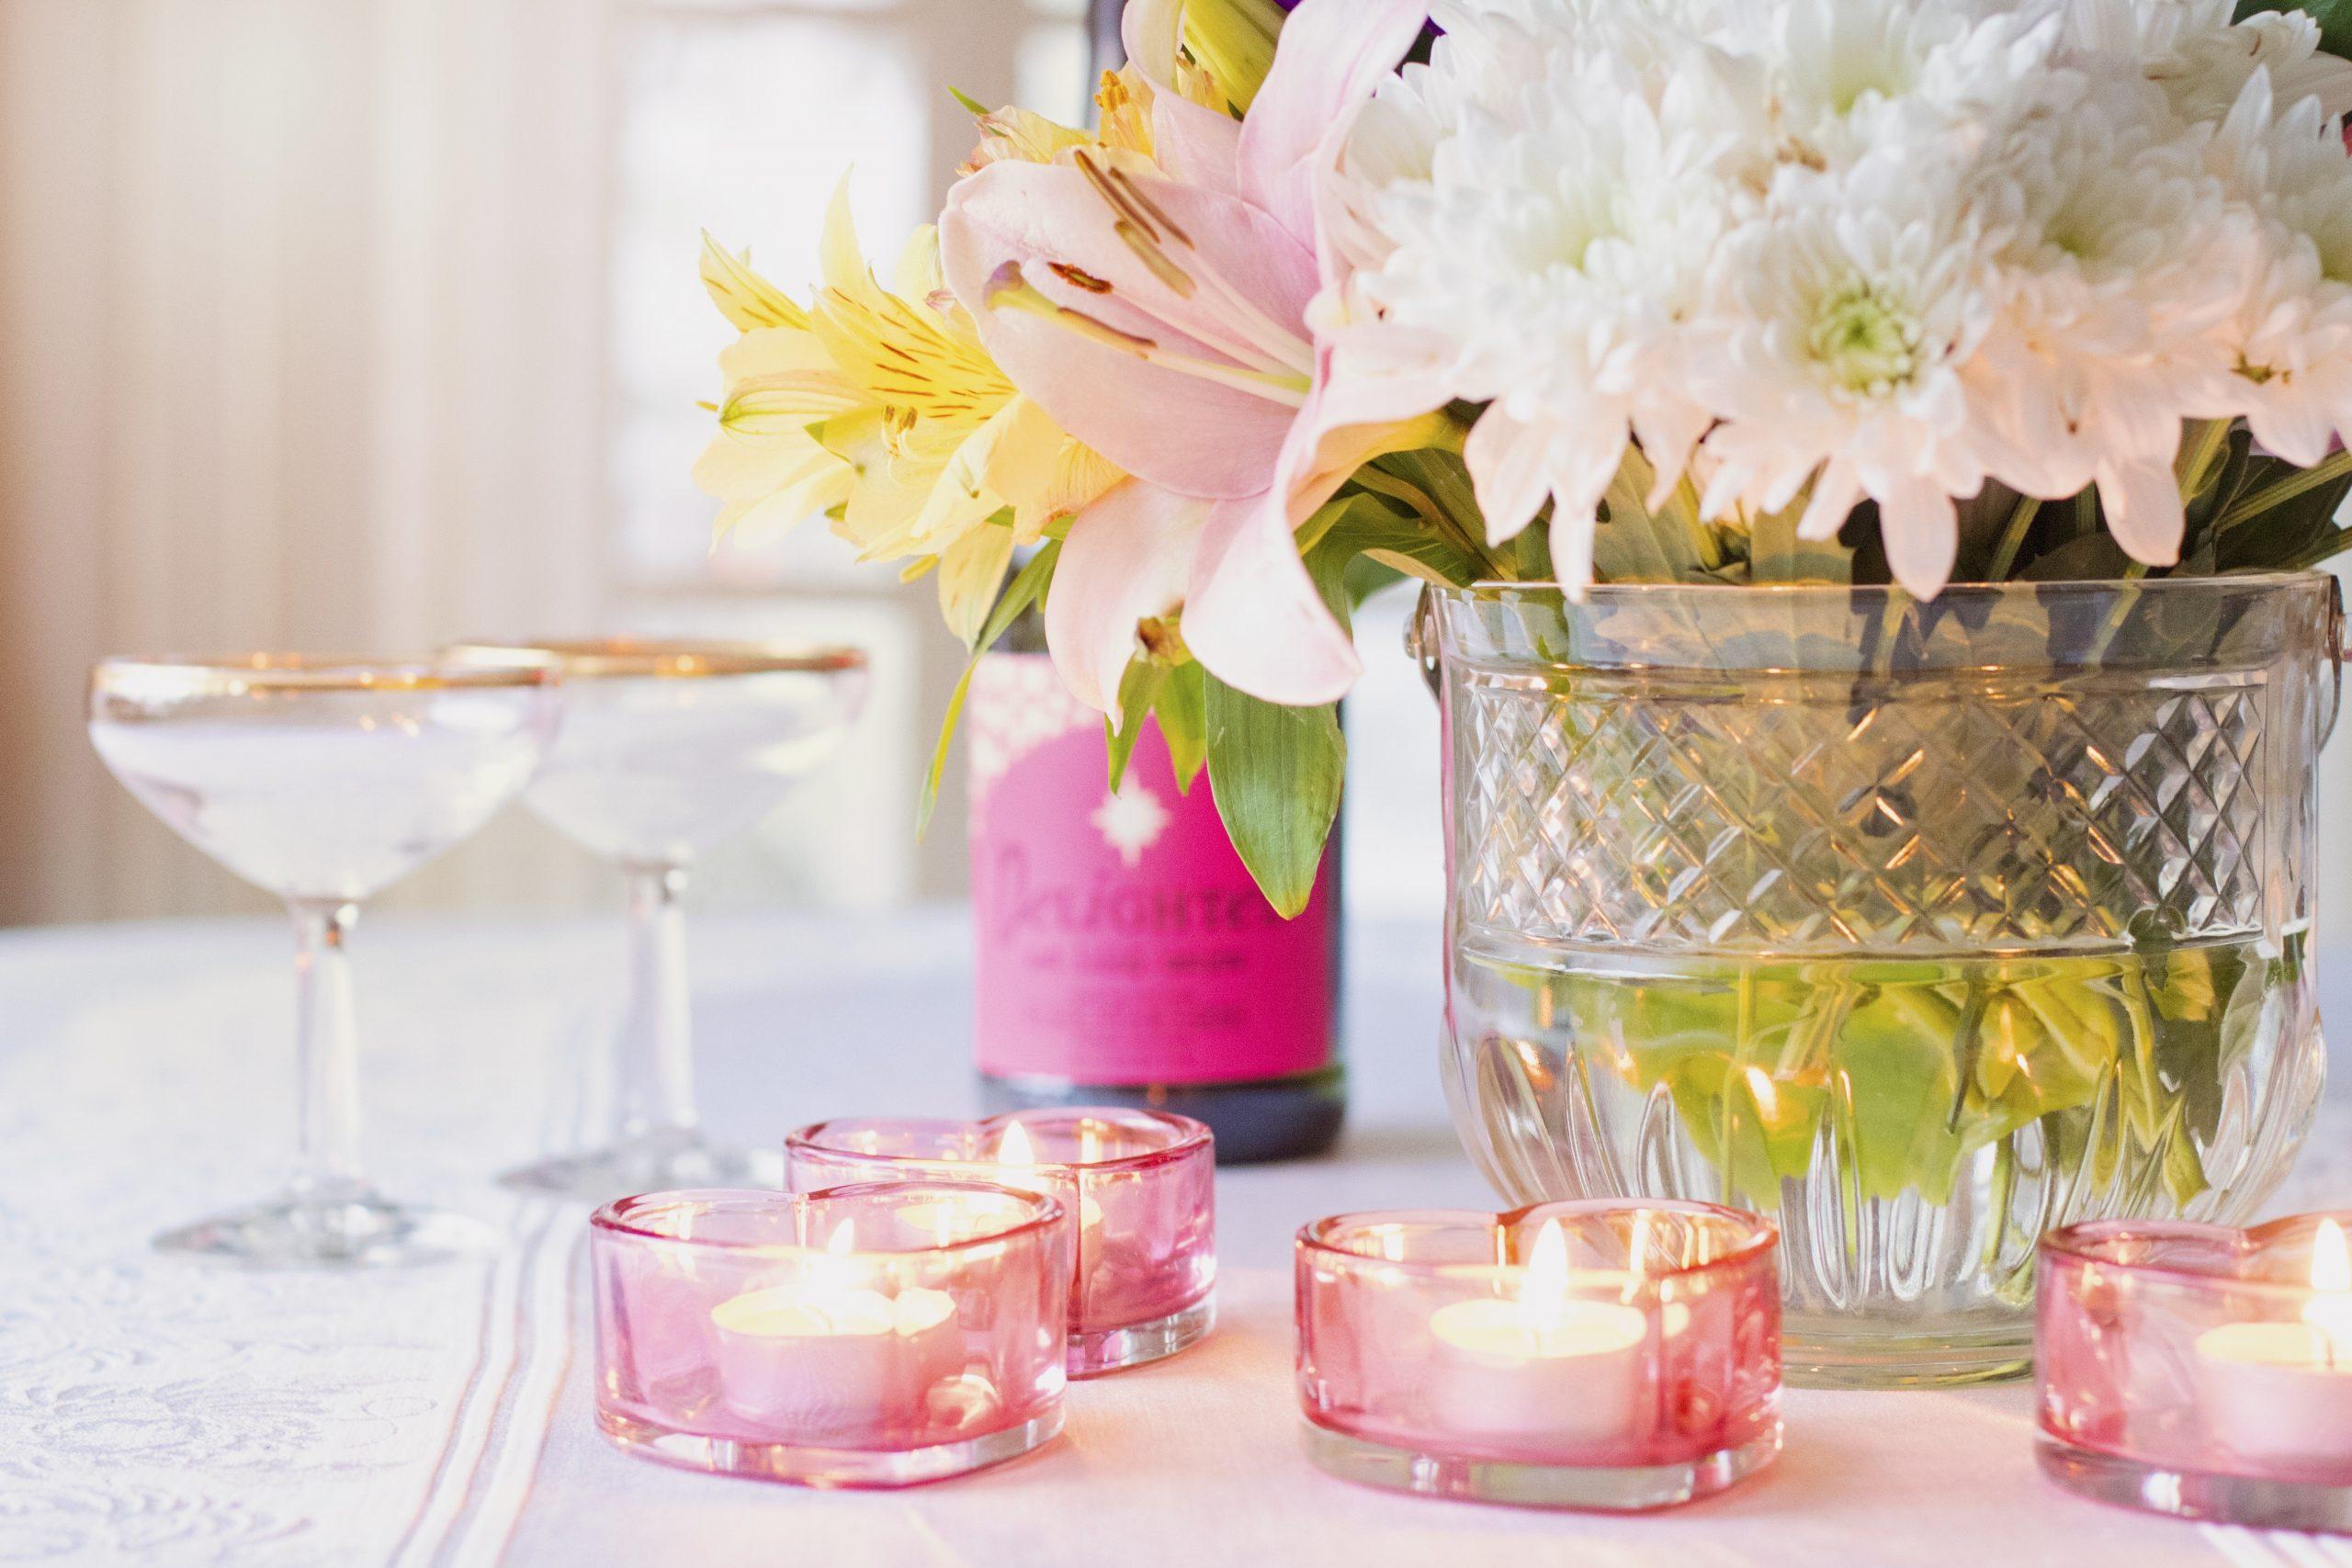 Festlich gedeckter Tisch mit einem Blumenstrauß, zwei Champagnergläsern und rosa Teelichtern.